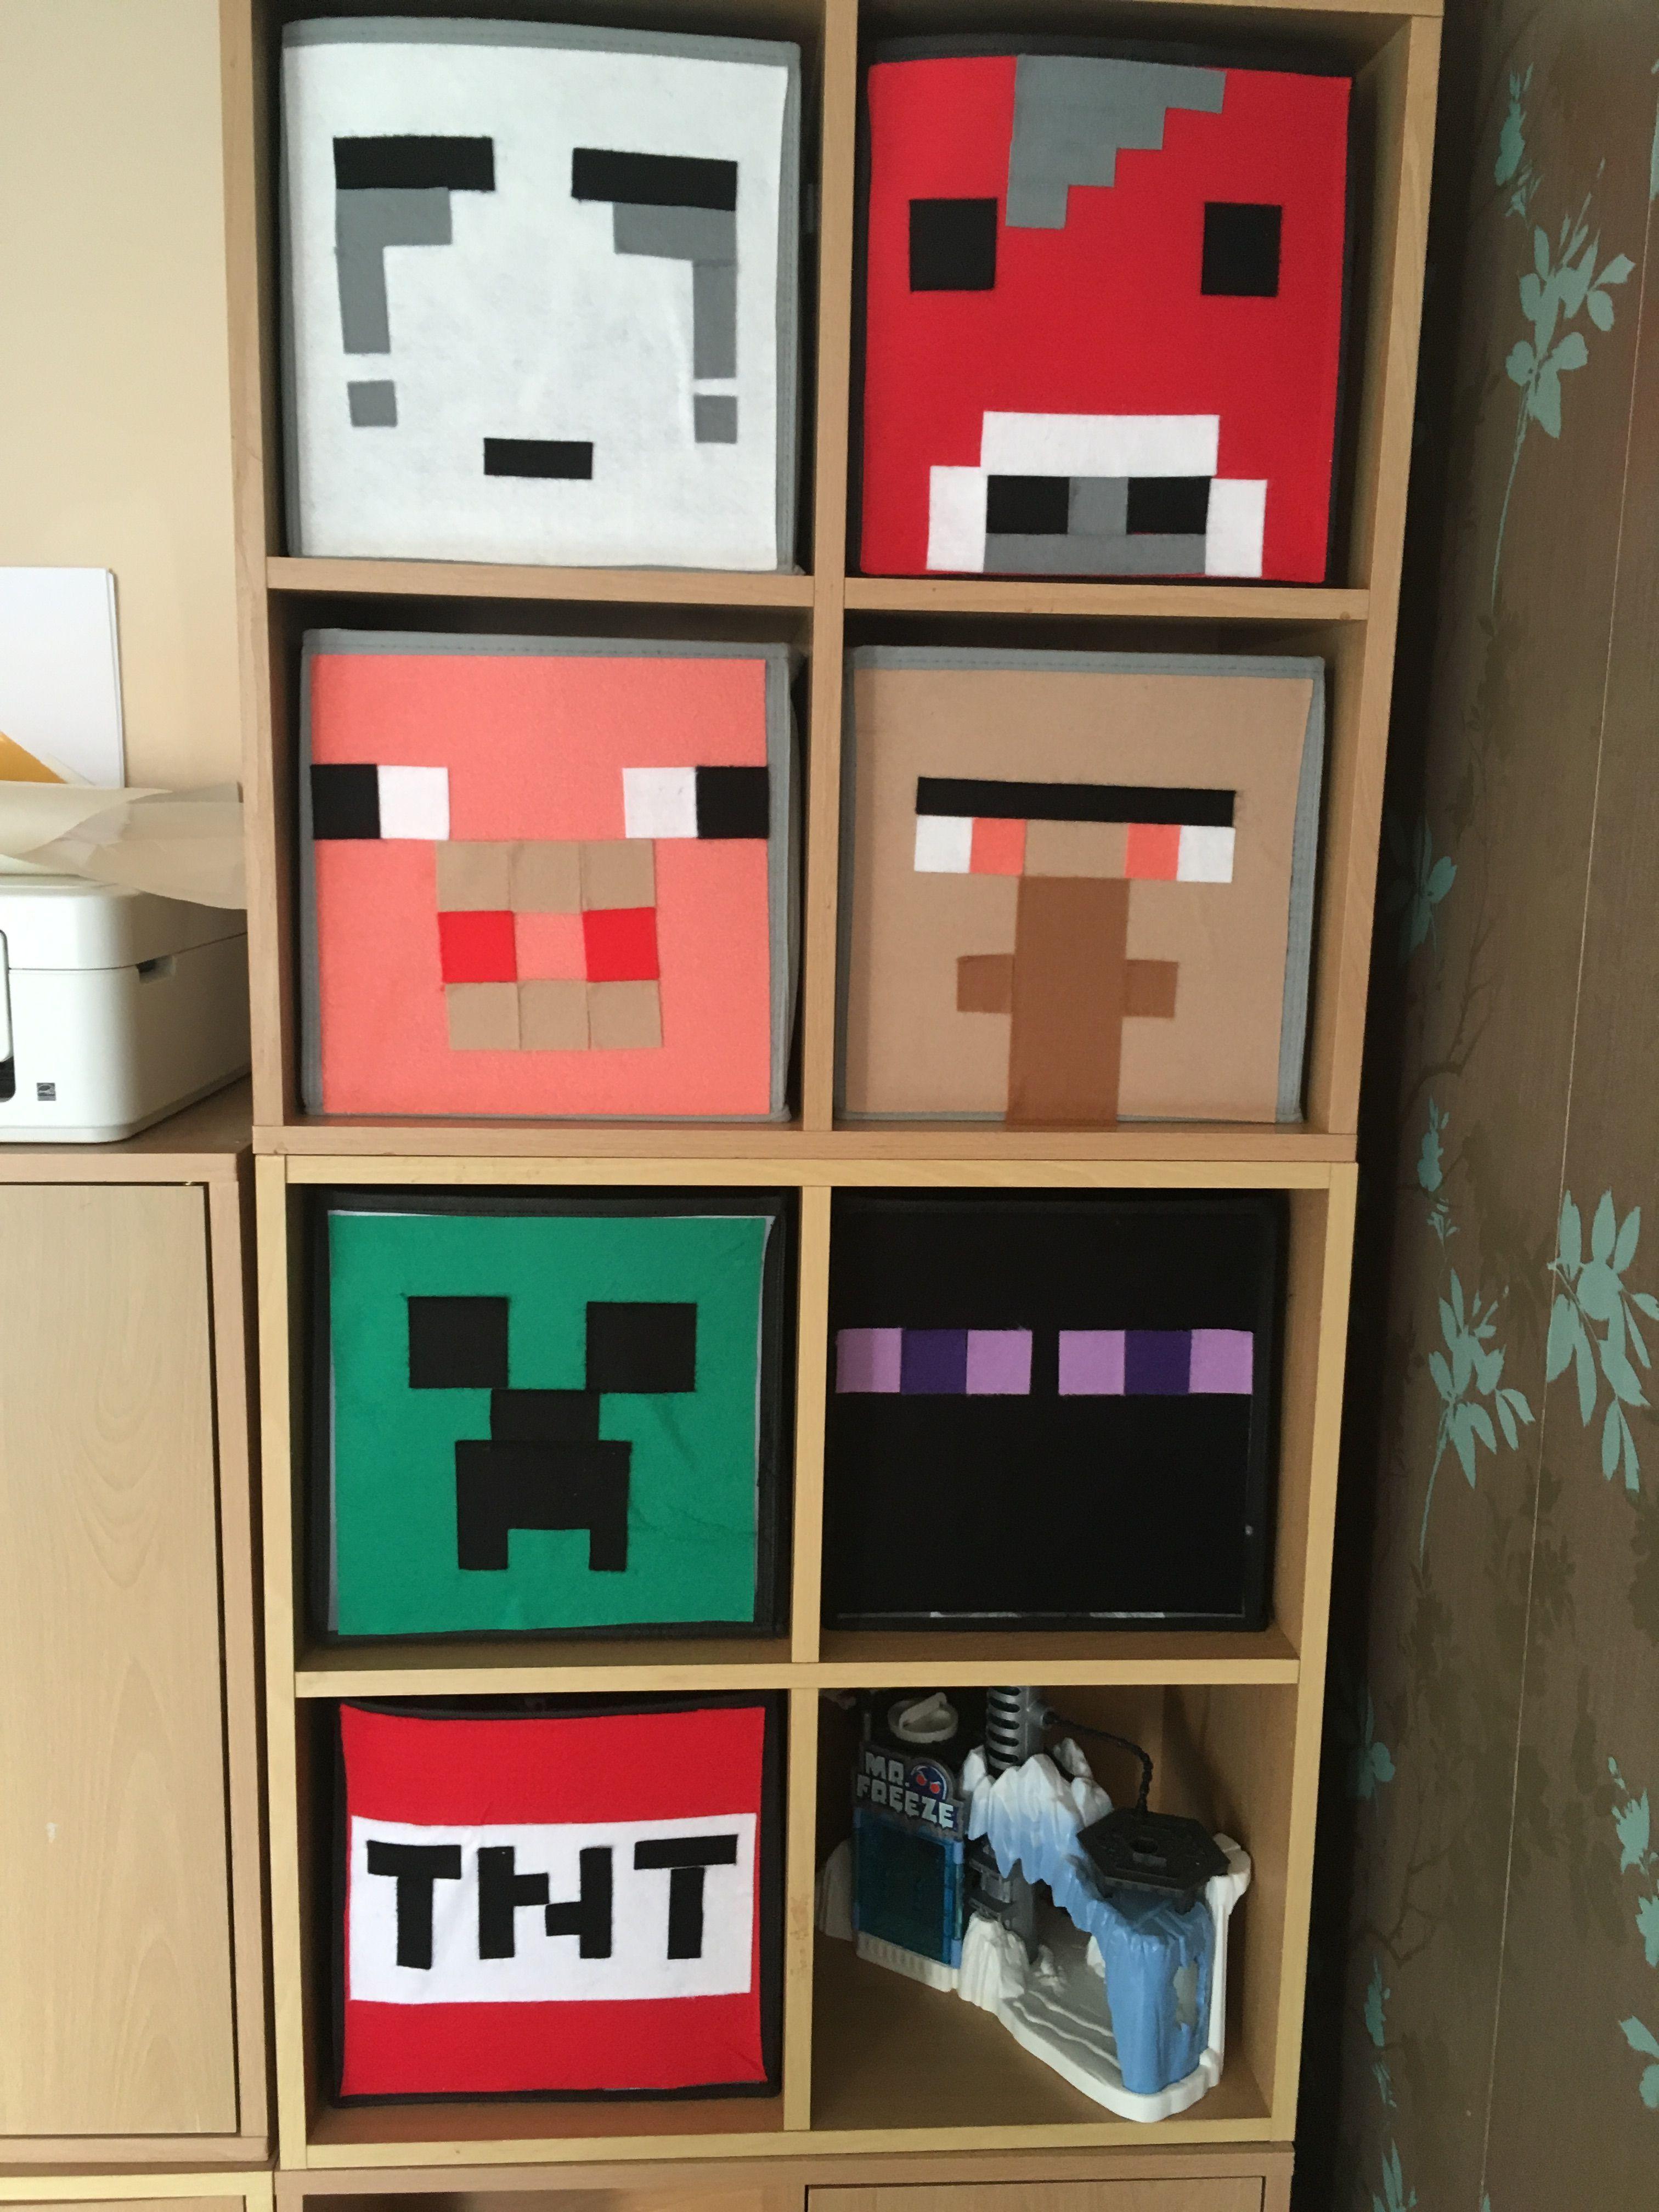 Minecraft Storage Boxes Minecraft Room Decor Minecraft Bedroom Decor Minecraft Room